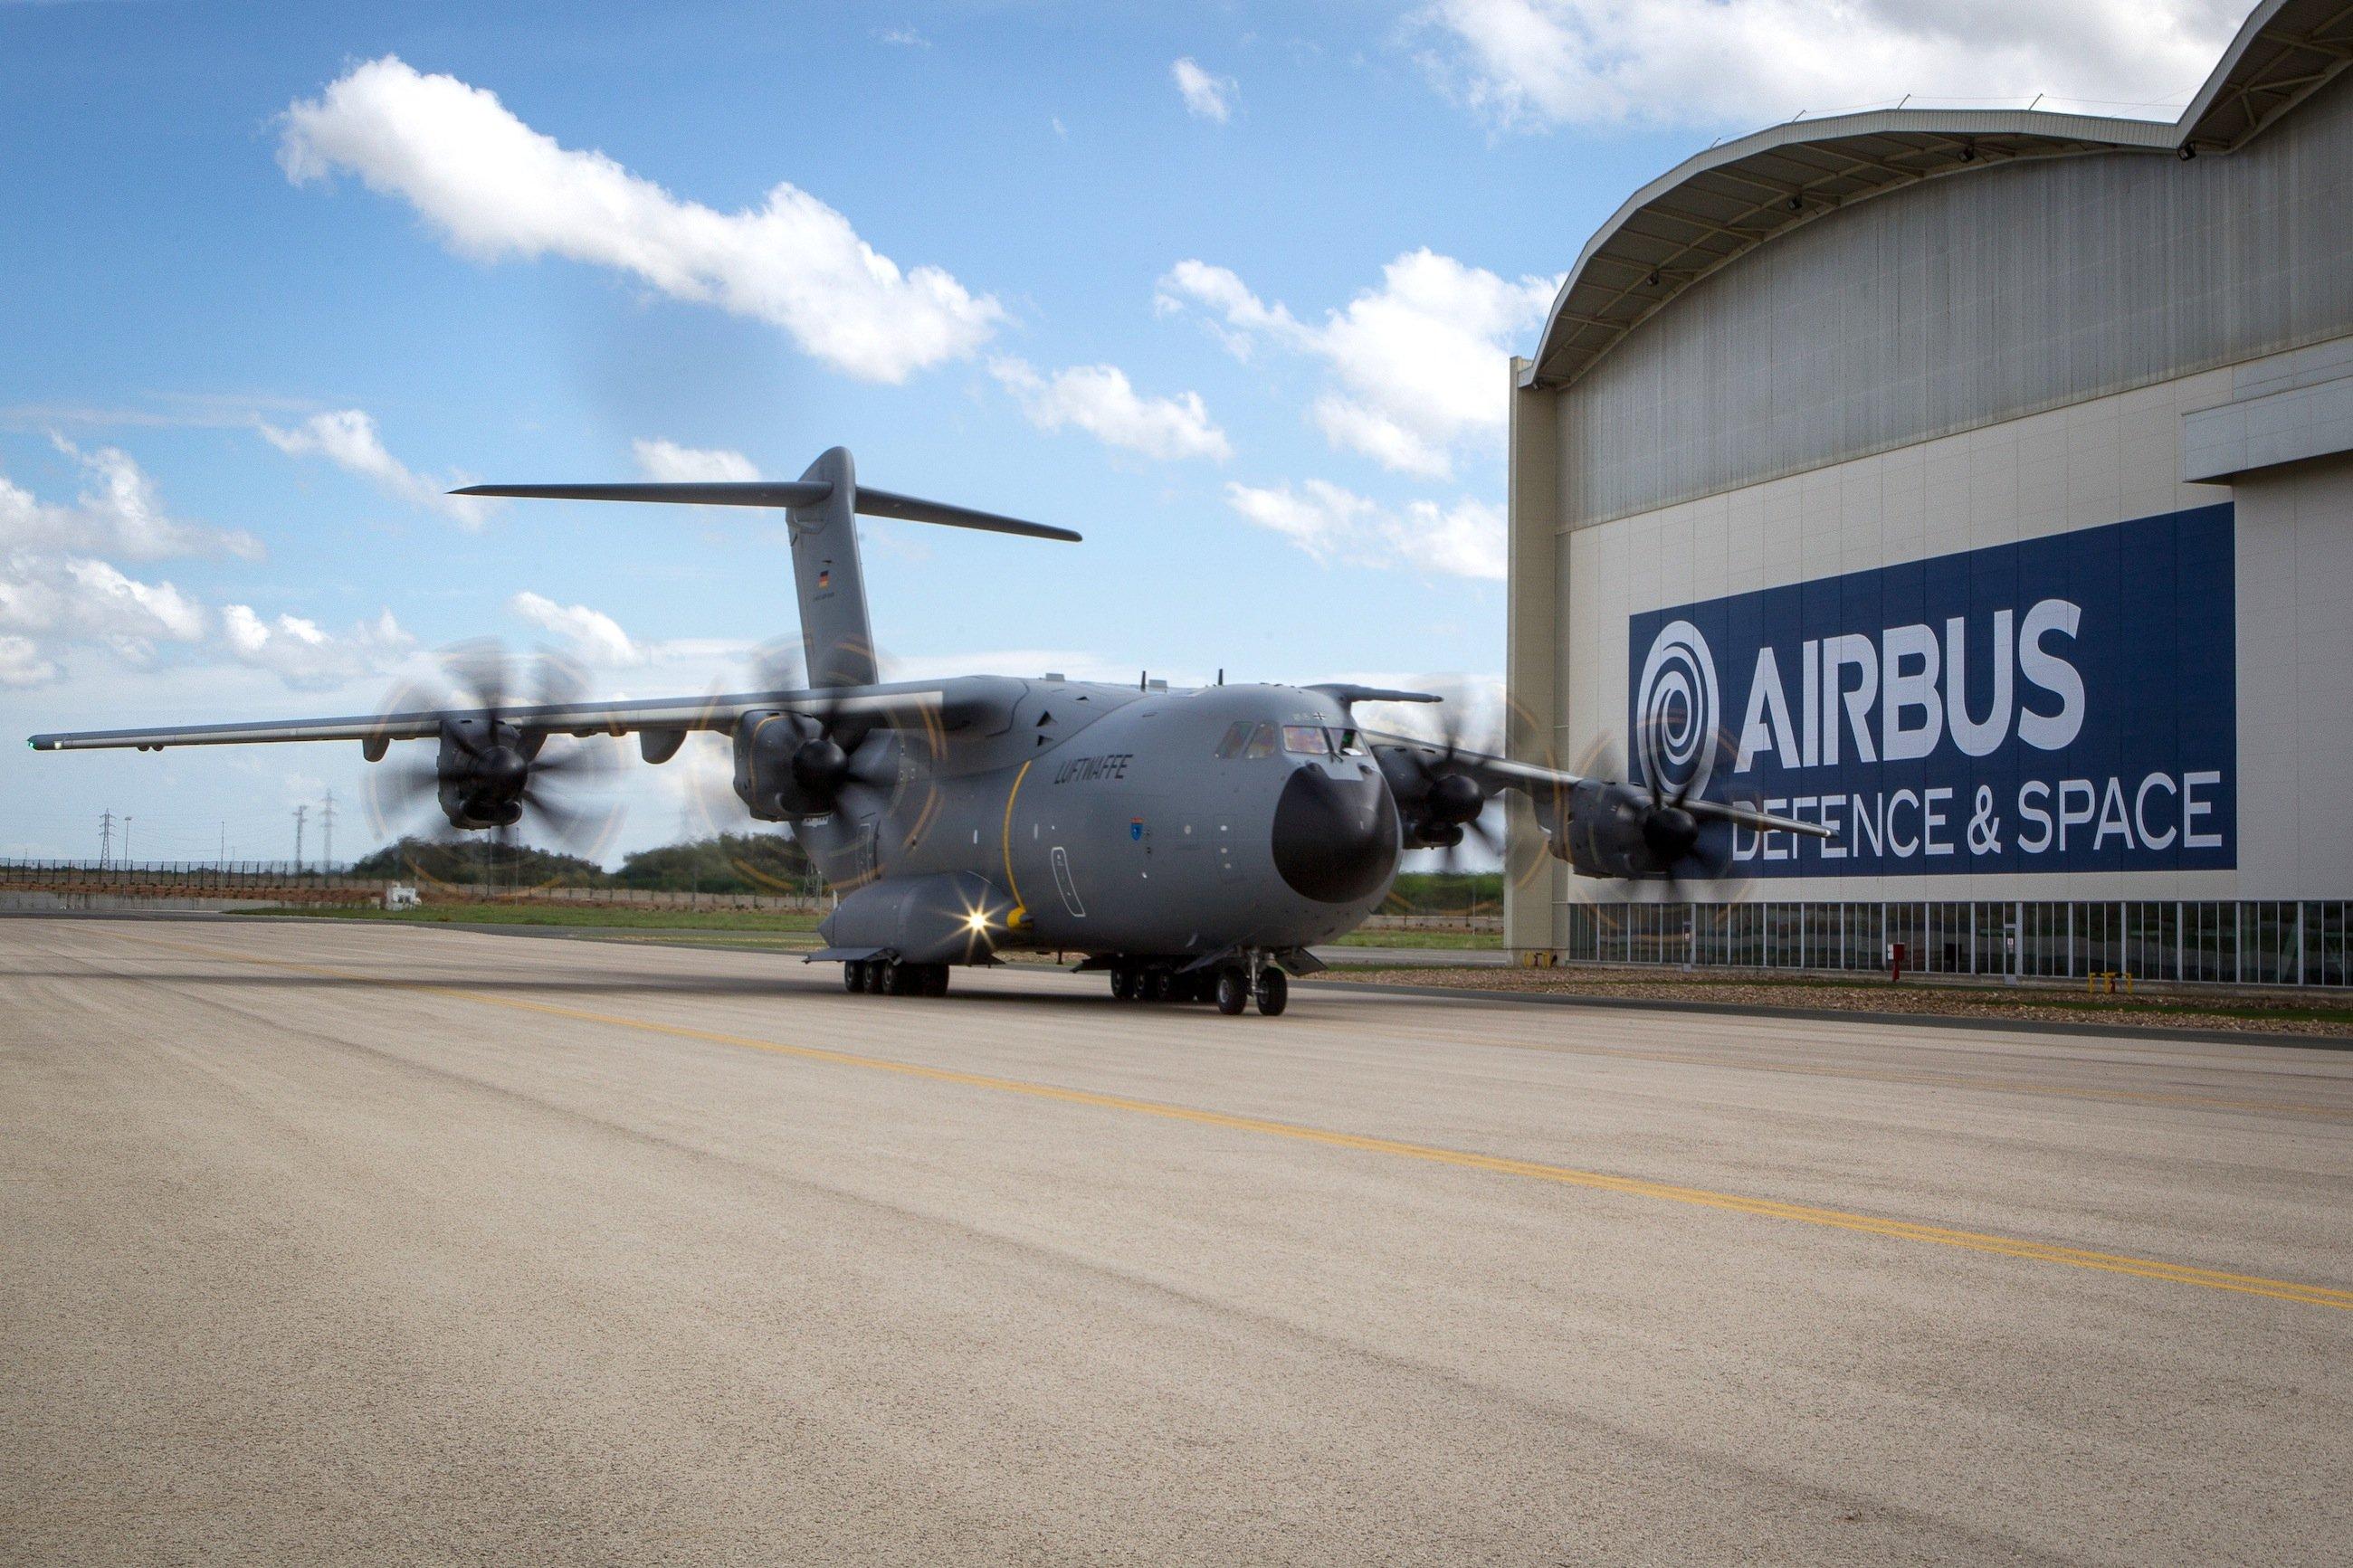 Erstflug des Airbus A400M in Sevilla: Am Freitag traf das Flugzeug in Deutschland ein. 53 Maschinen hat die Bundeswehr bestellt.